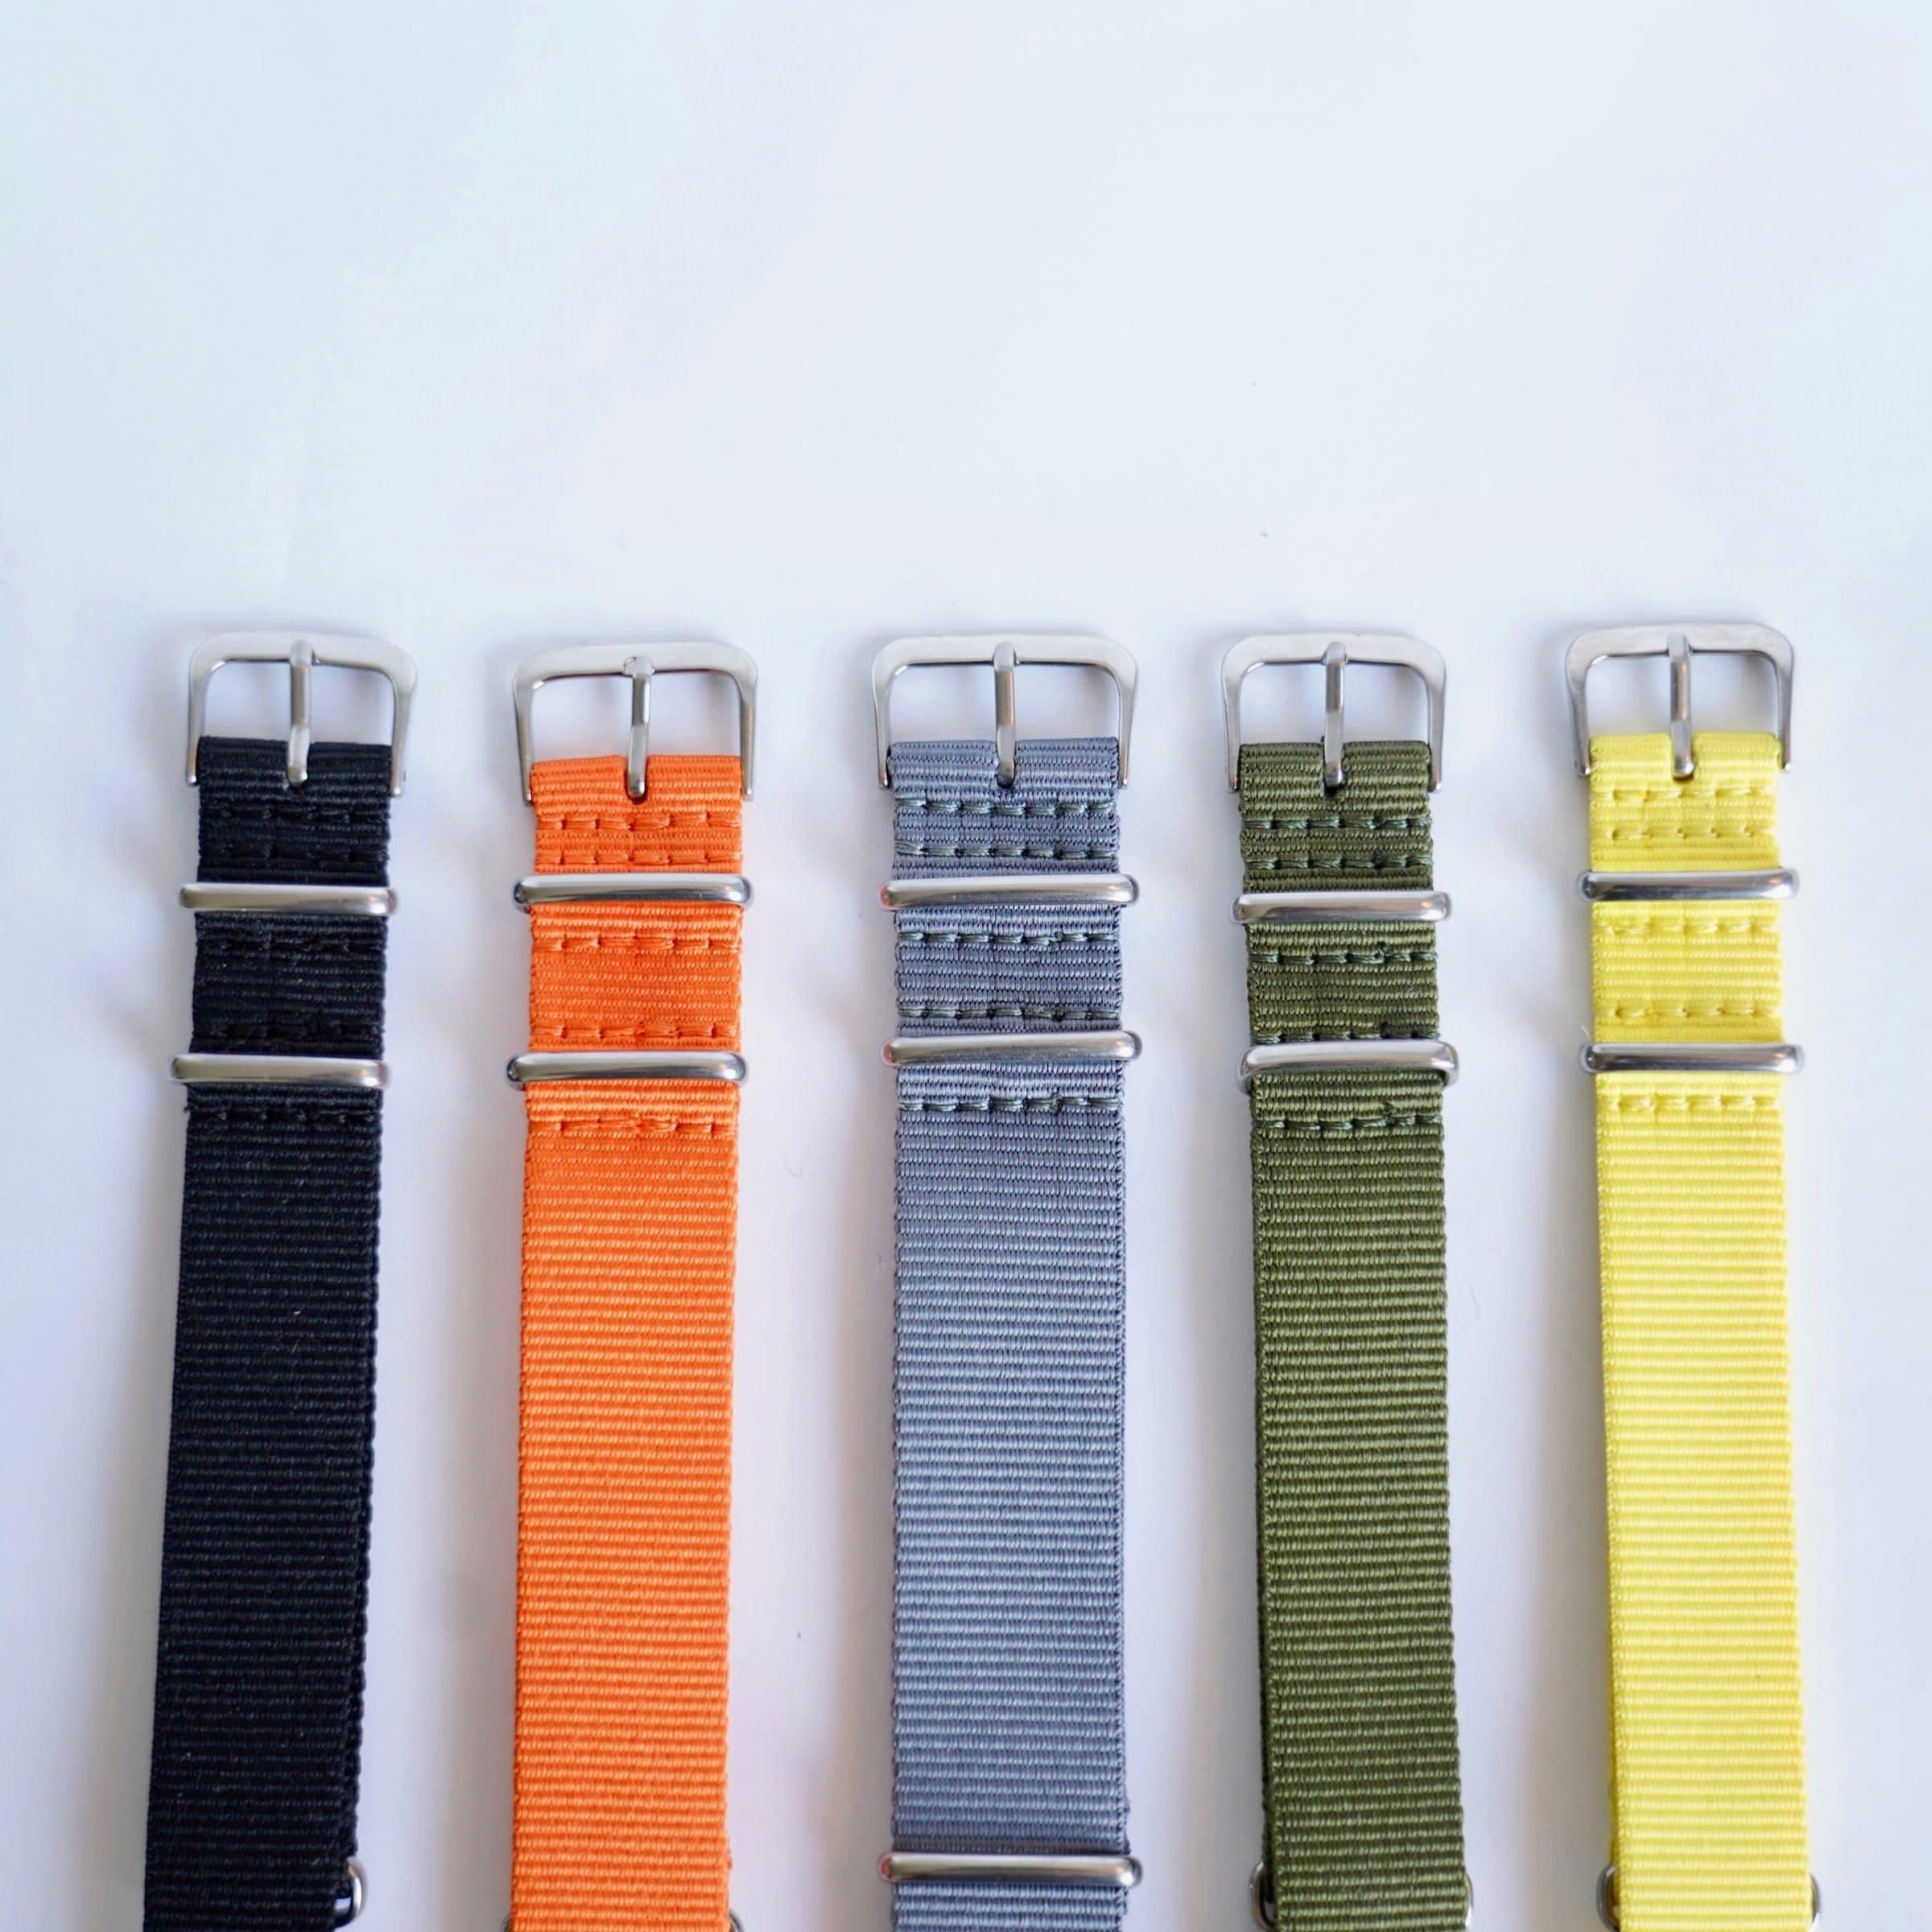 Natoreimer i svart, oransje, blå/grå, grønn og gul med sølvfarget spenne